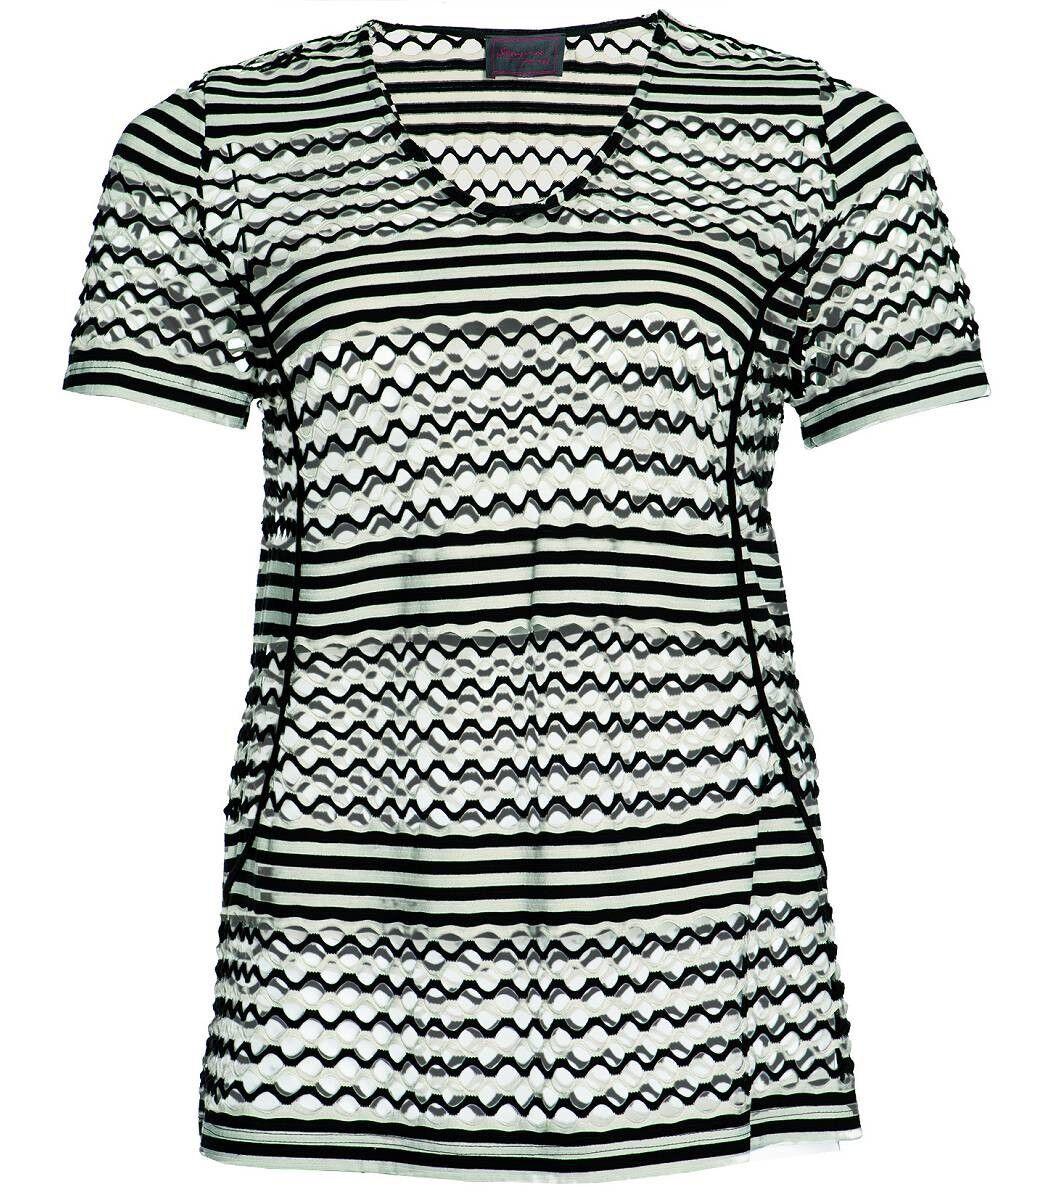 Lagenlook  żTiene camisa de sempre piu moda Negro vainilla  Venta en línea de descuento de fábrica